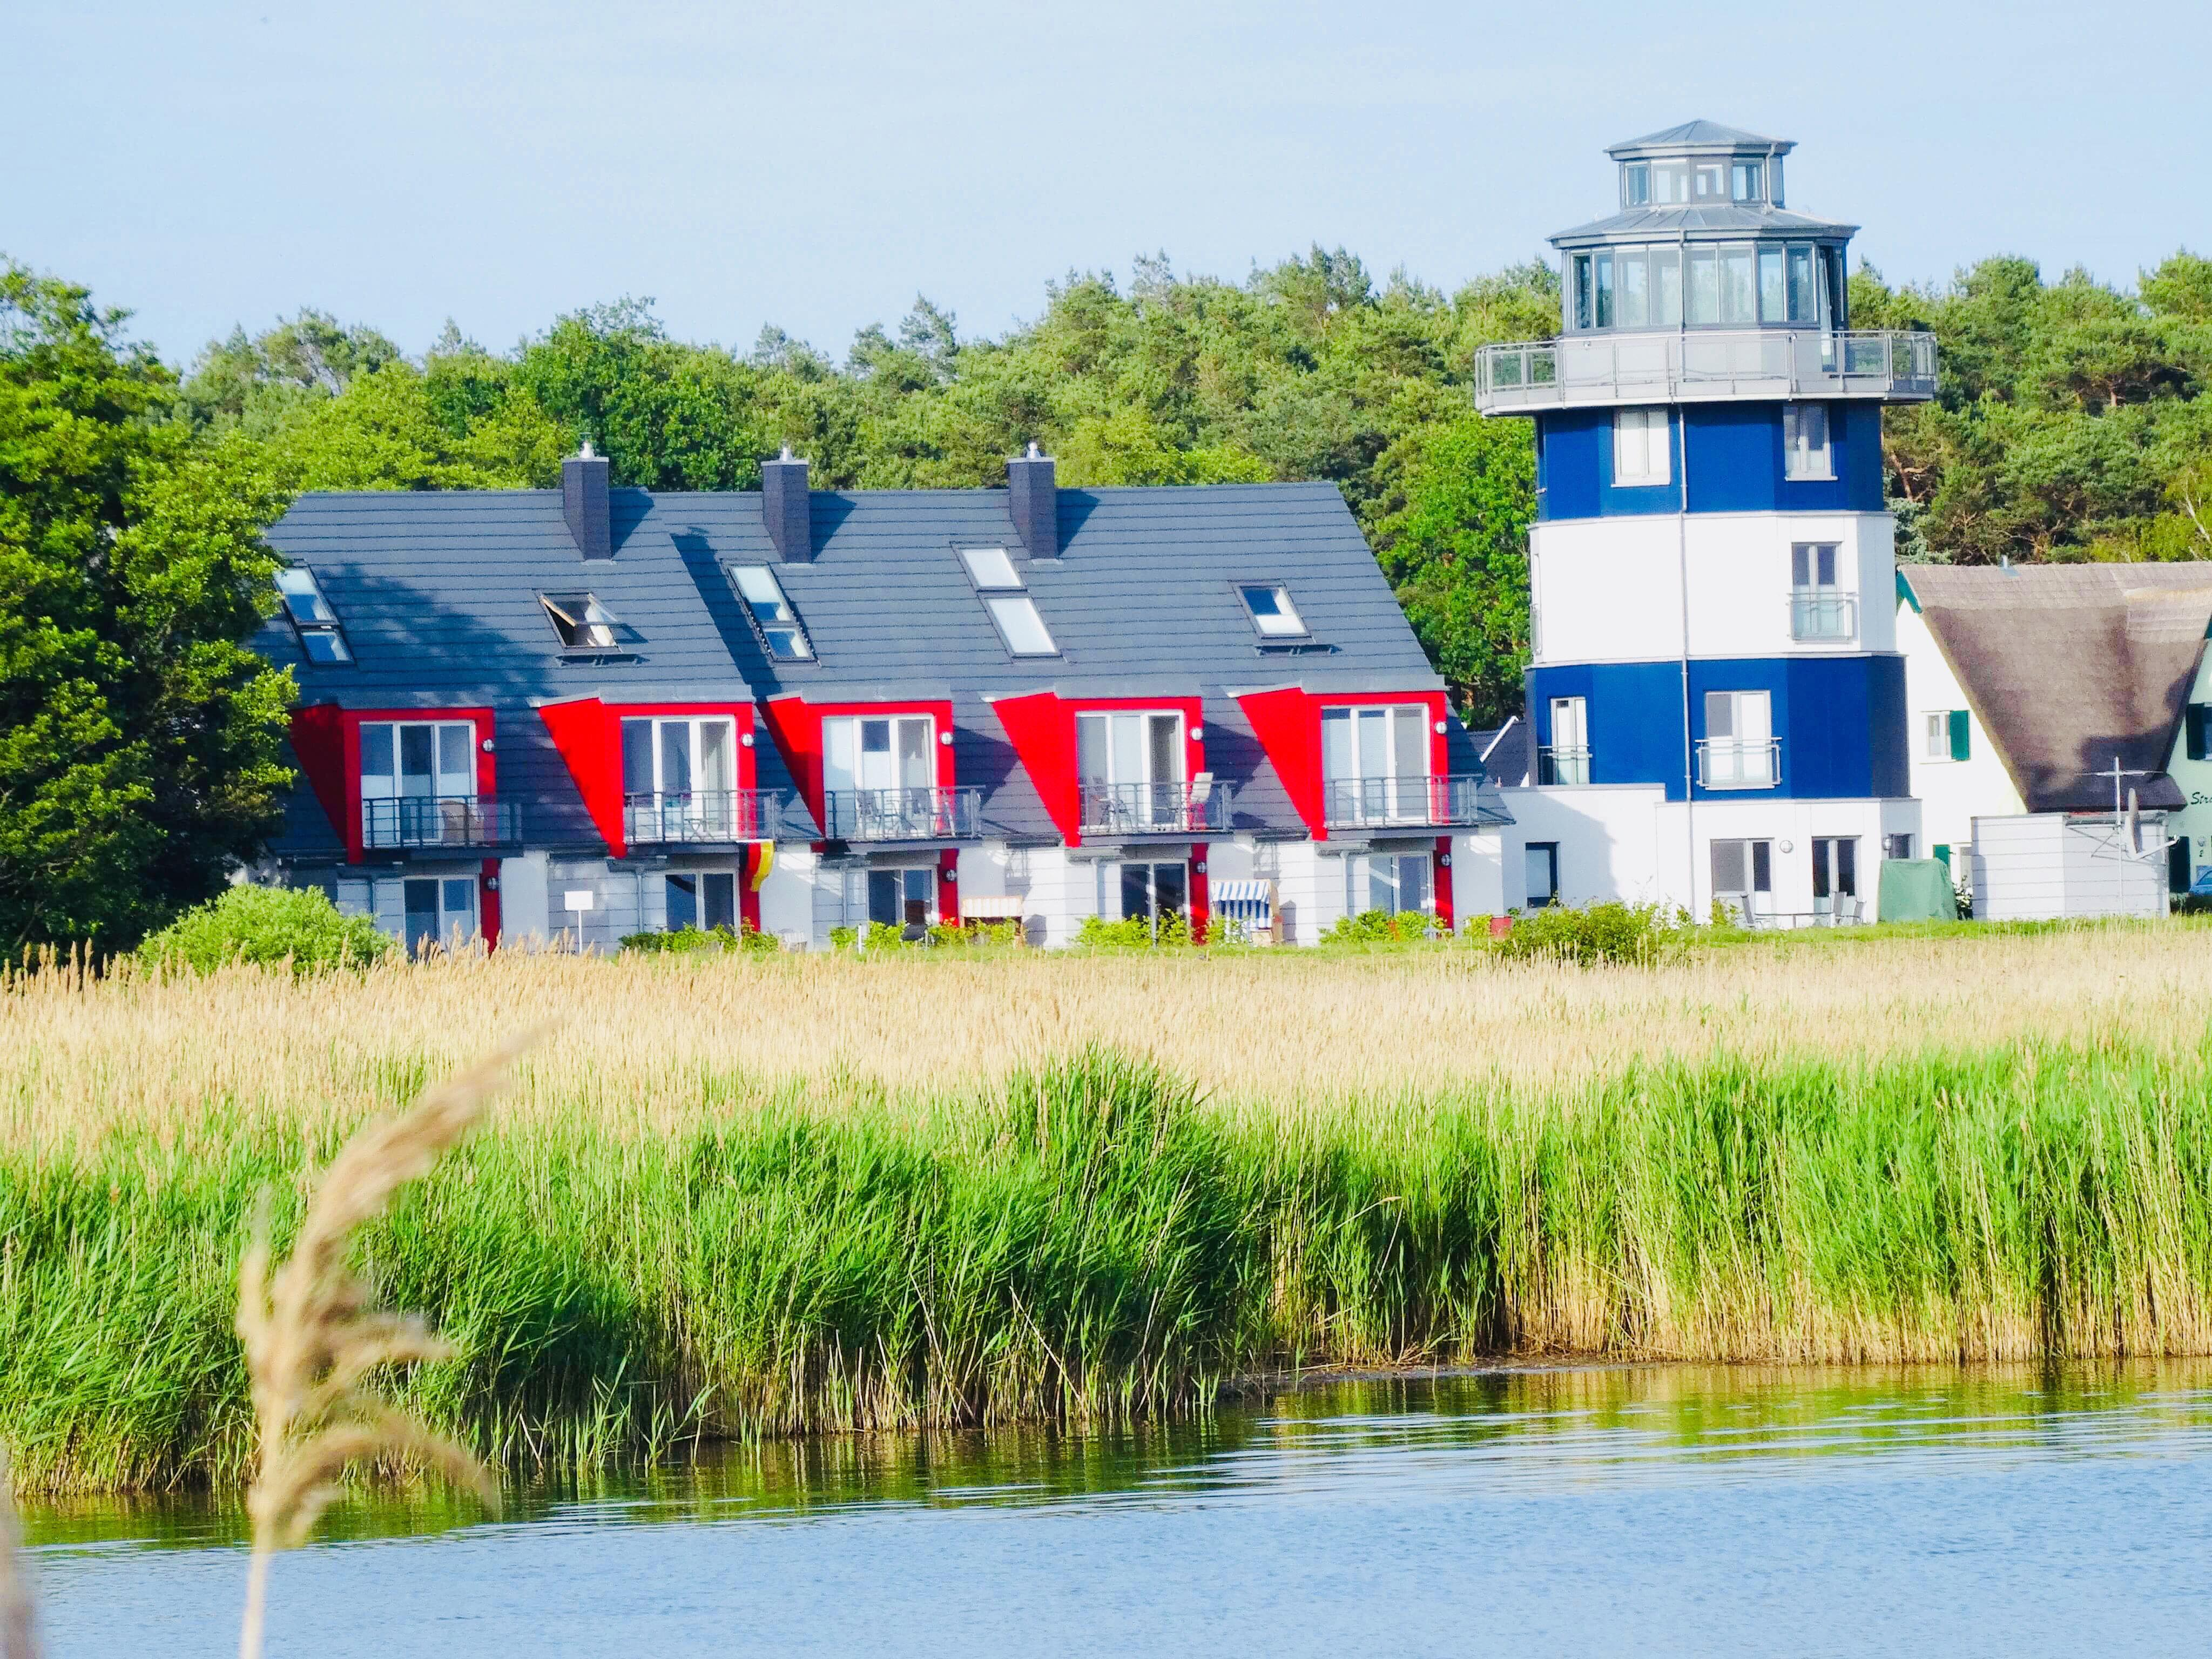 Deichhaus am Wasser